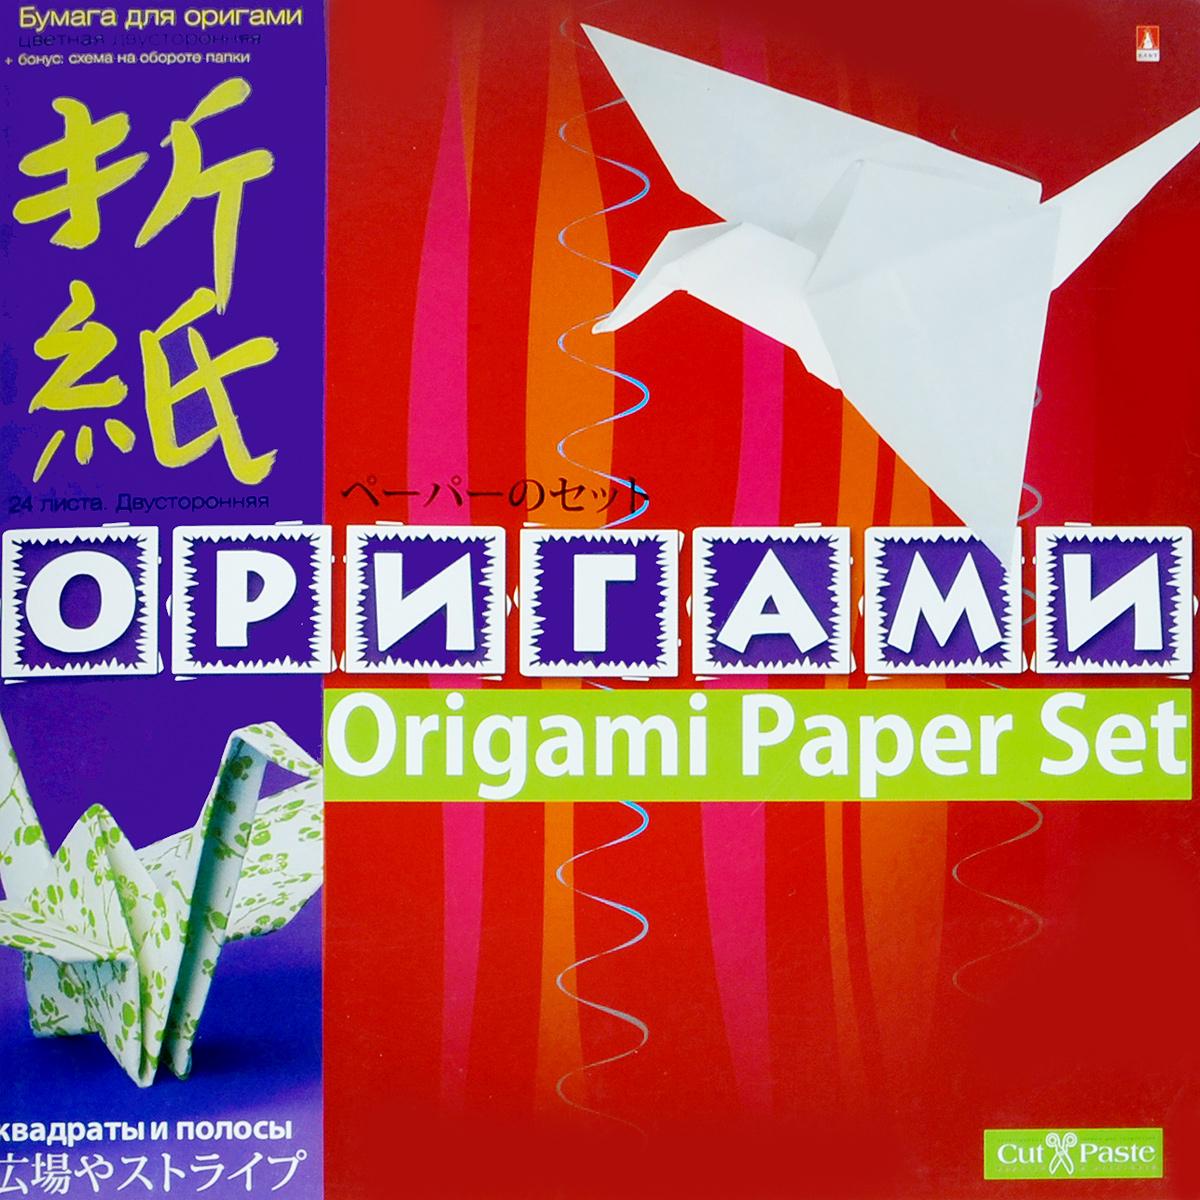 Бумага для оригами Квадраты и полосы, цветная, двухсторонняя, 24 листа11-24-111/3Набор цветной бумаги позволит создавать вашему ребенку своими руками оригинальное оригами. Набор состоит из 24 листов разных цветов. На обратной стороне папки приводится инструкции с фотографиями и рисунками по изготовлению оригами. Создание поделок из цветной бумаги позволяет ребенку развивать творческие способности, кроме того, это увлекательный досуг.